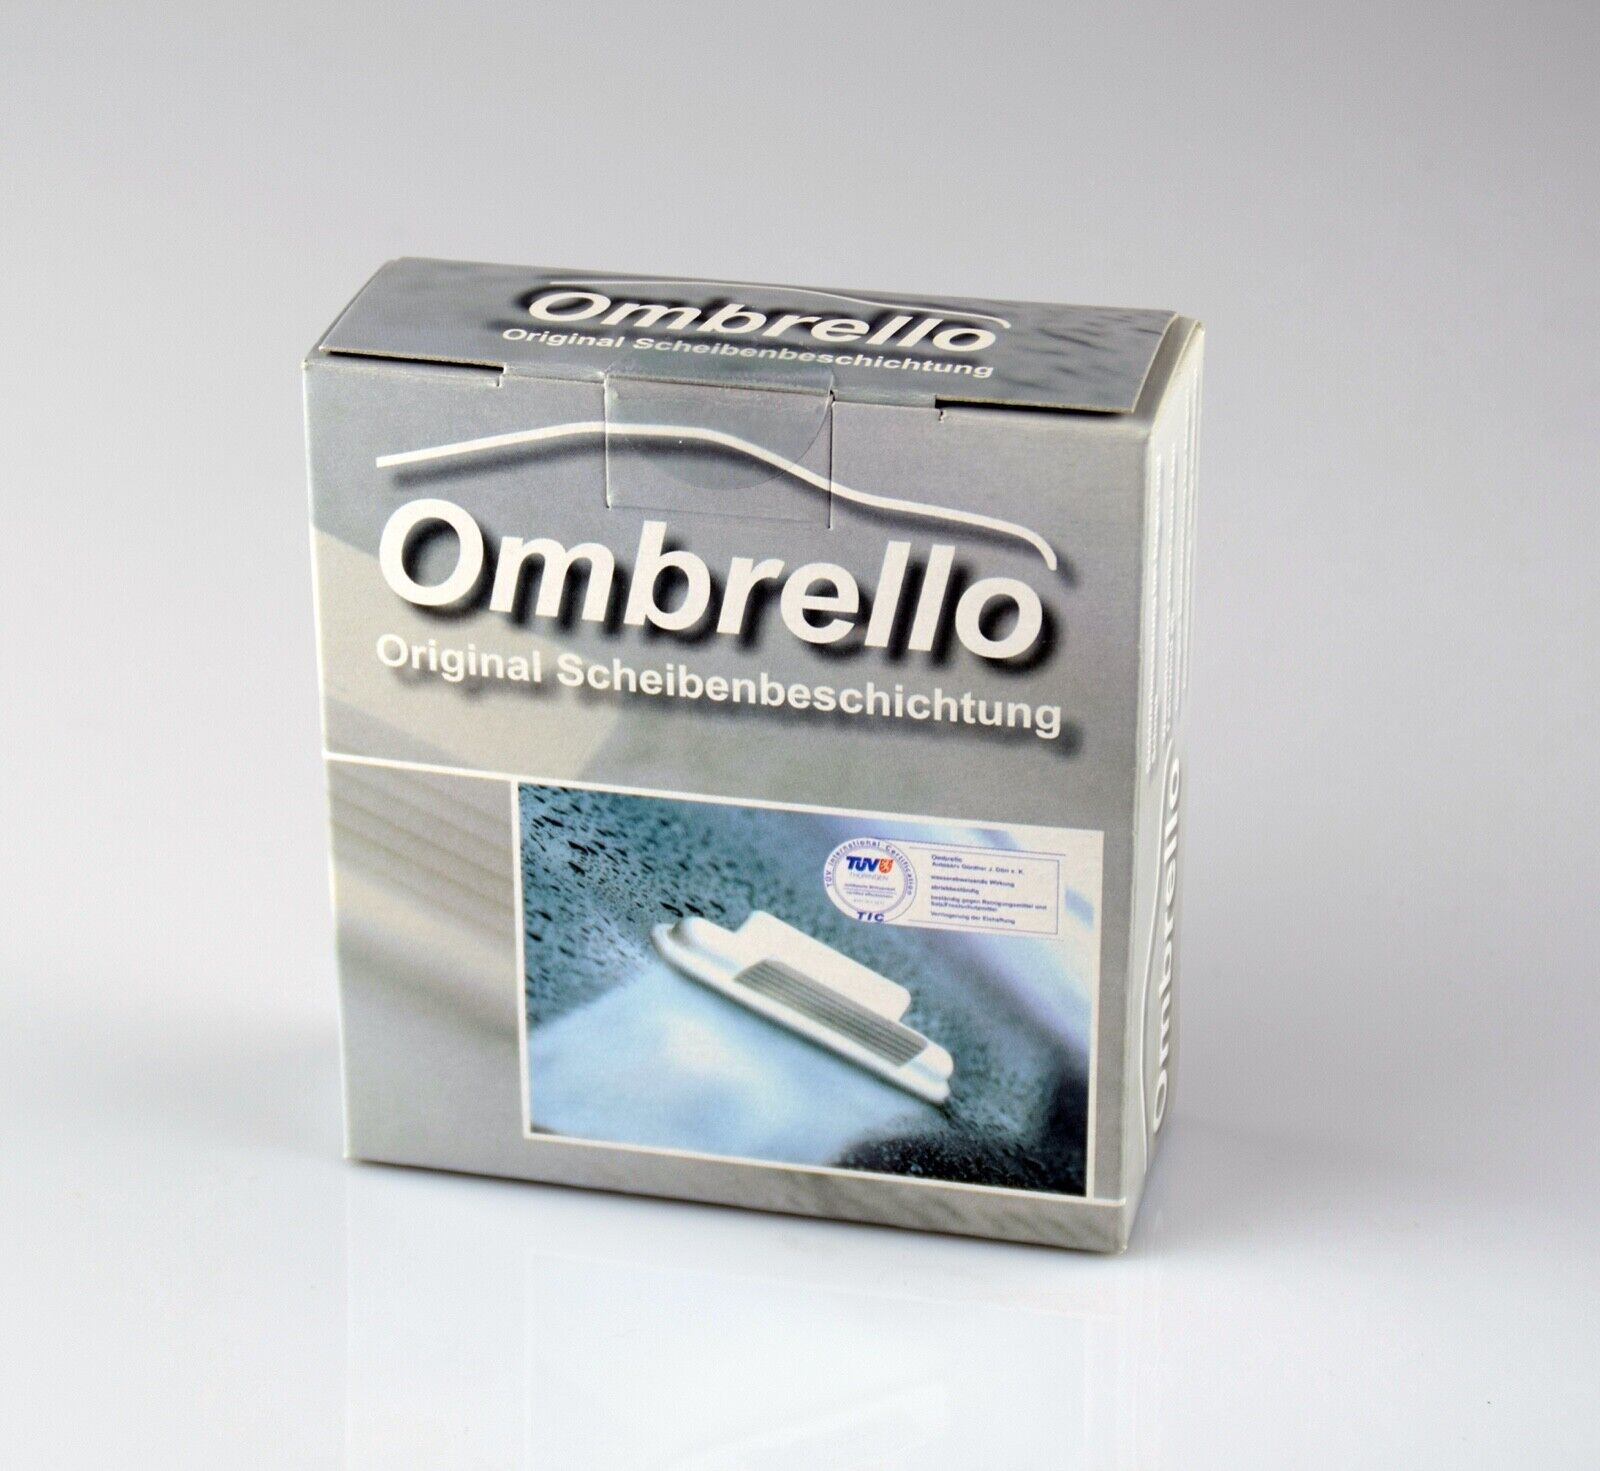 Ombrello Scheibenversiegelung mit genauer Anleitung bekannt aus VOX